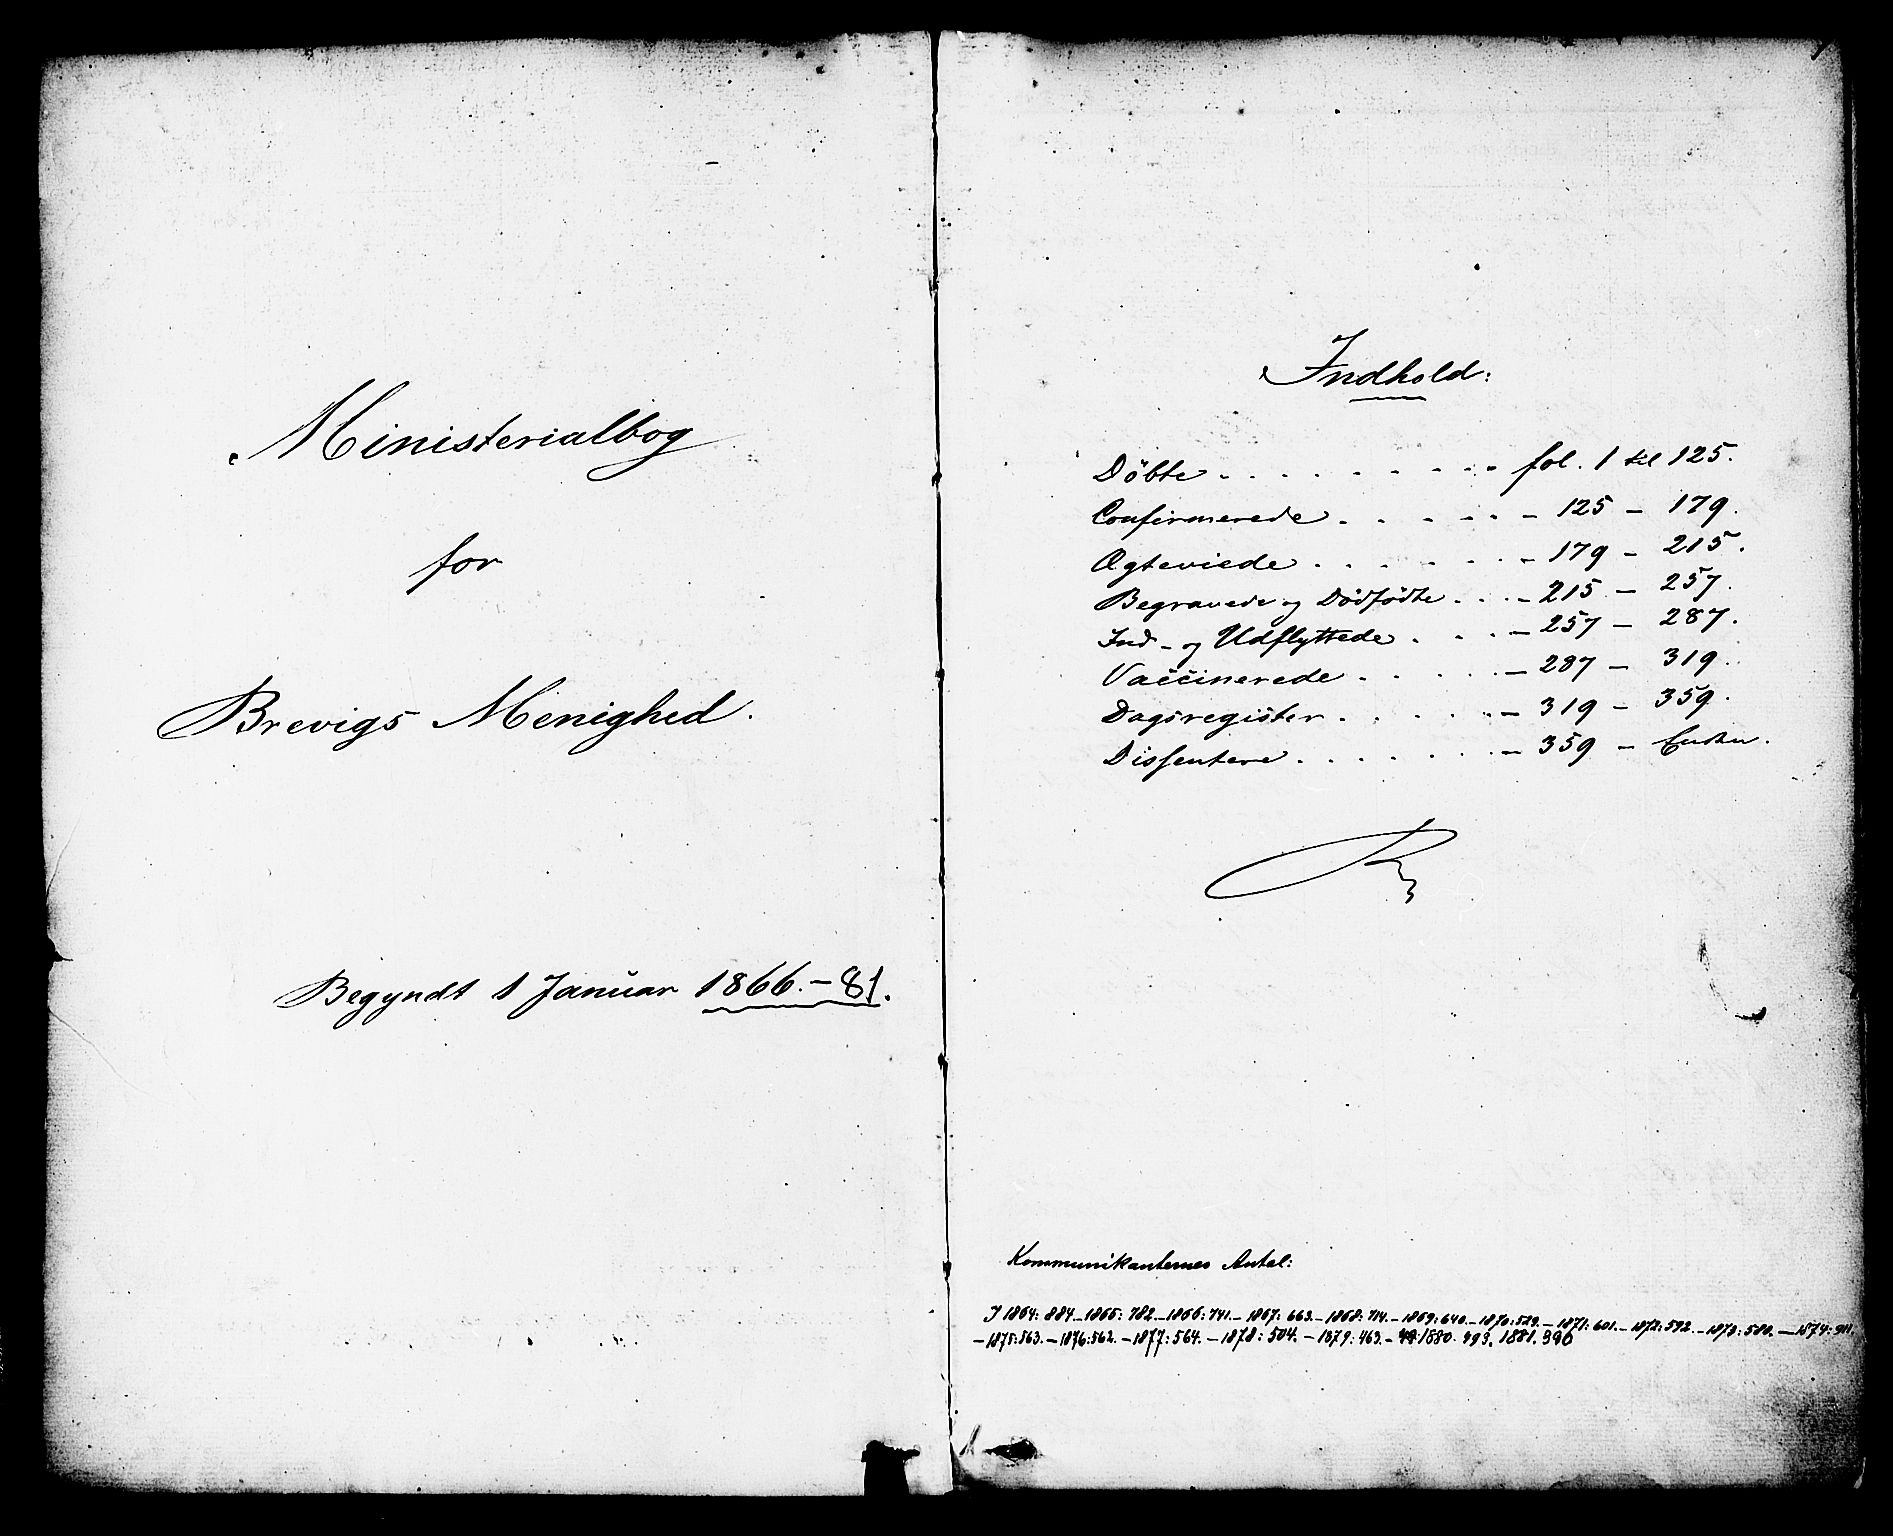 SAKO, Brevik kirkebøker, F/Fa/L0006: Ministerialbok nr. 6, 1866-1881, s. 1